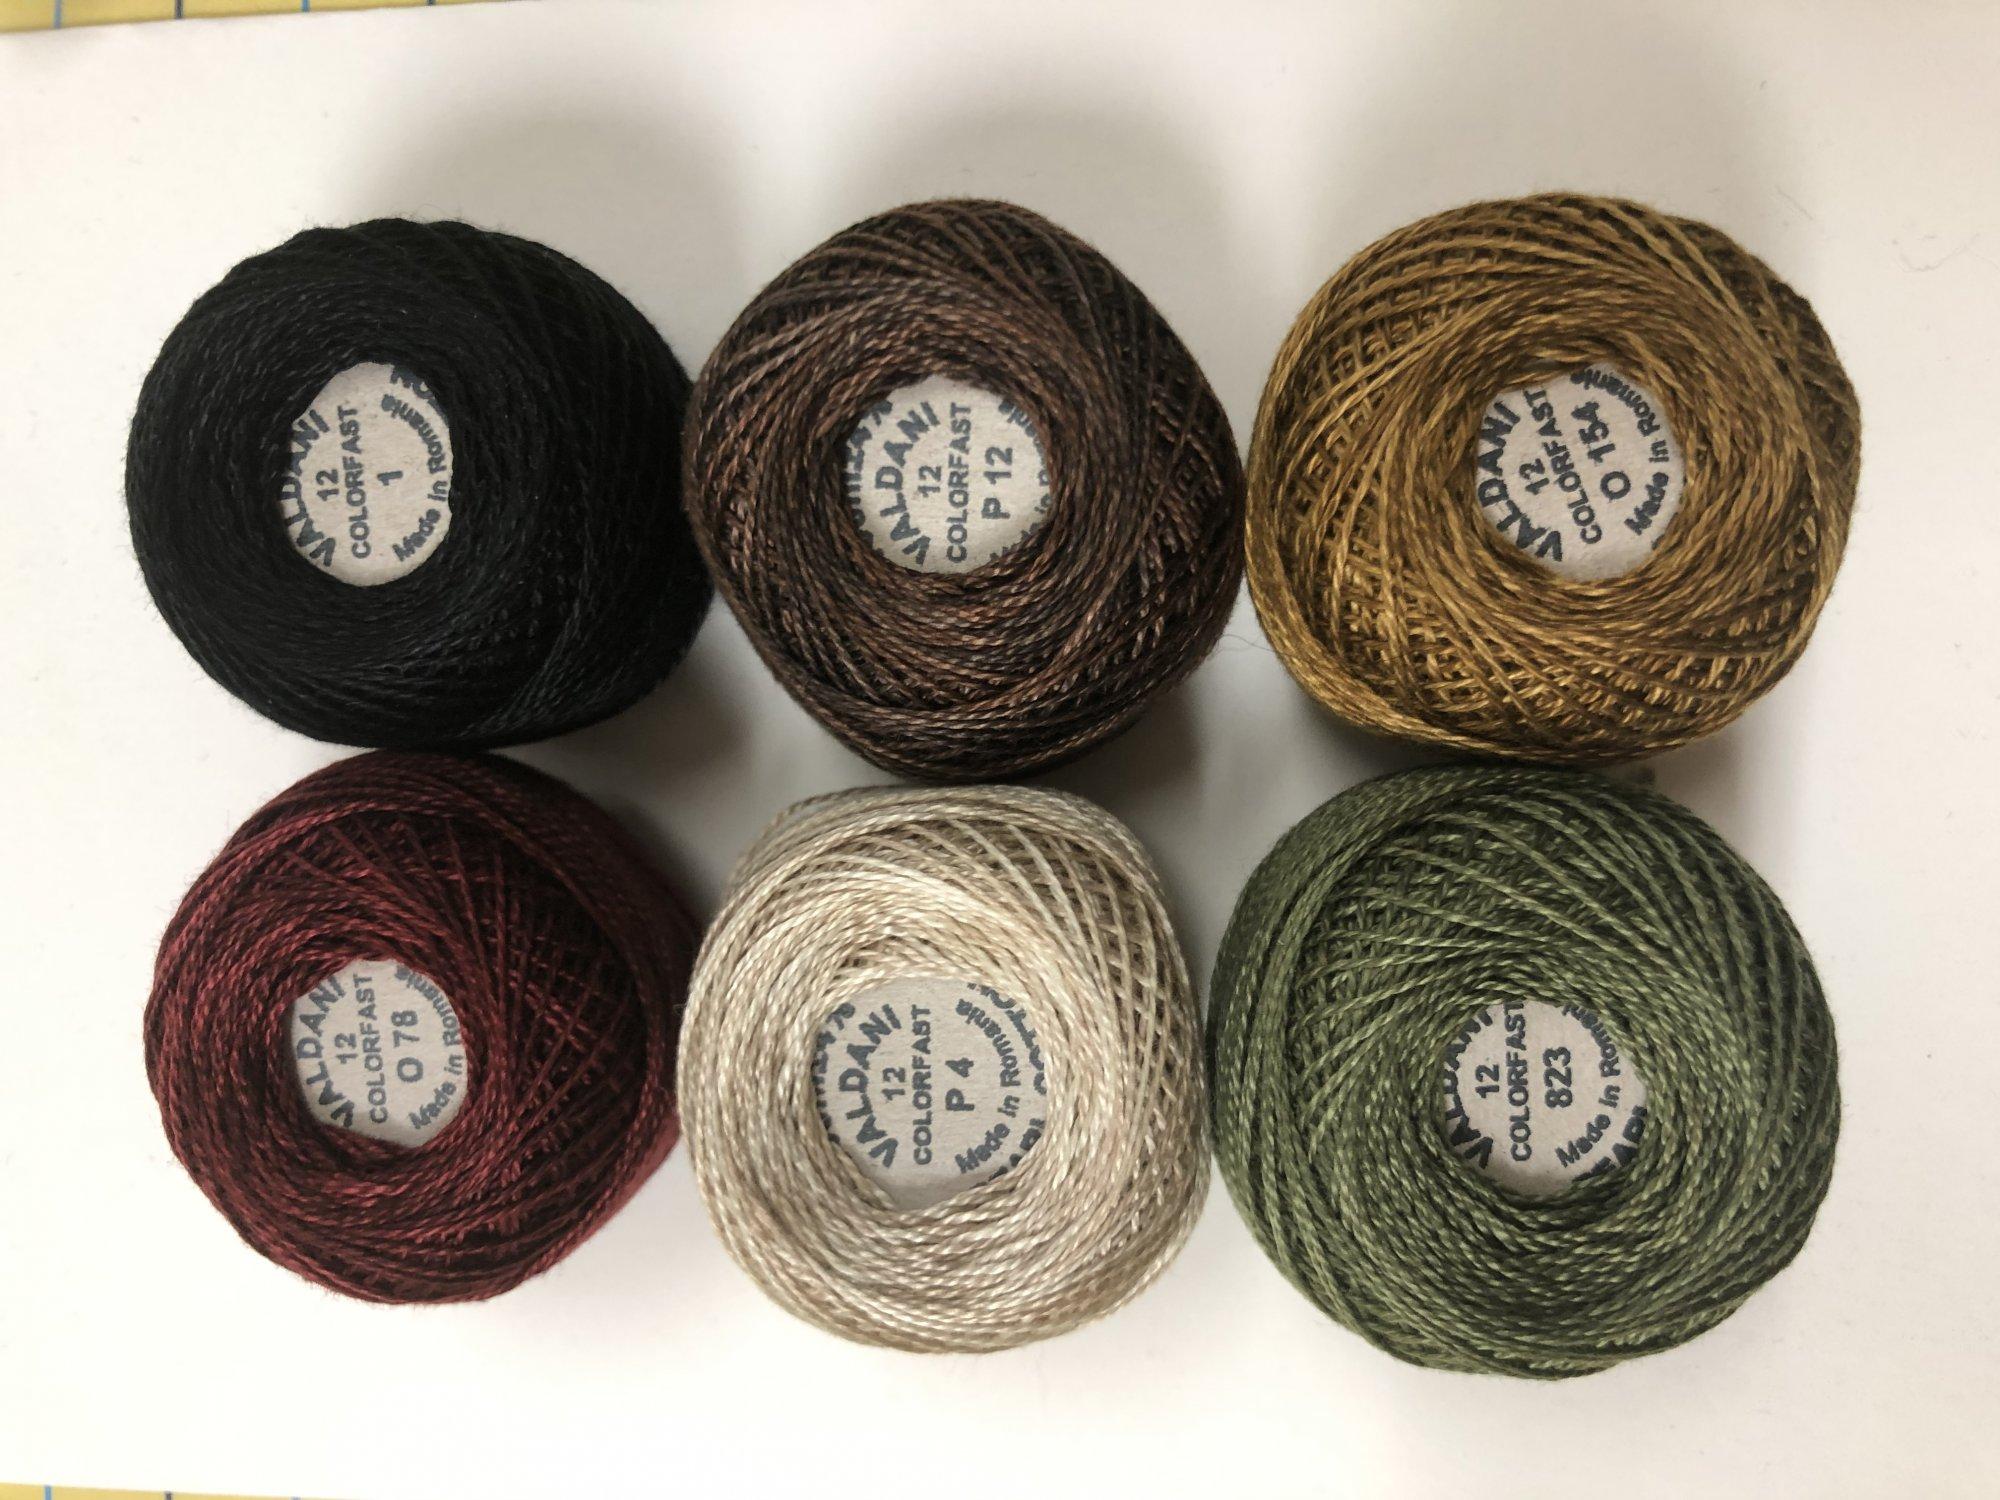 Thread Kit for 1800 St. Nick